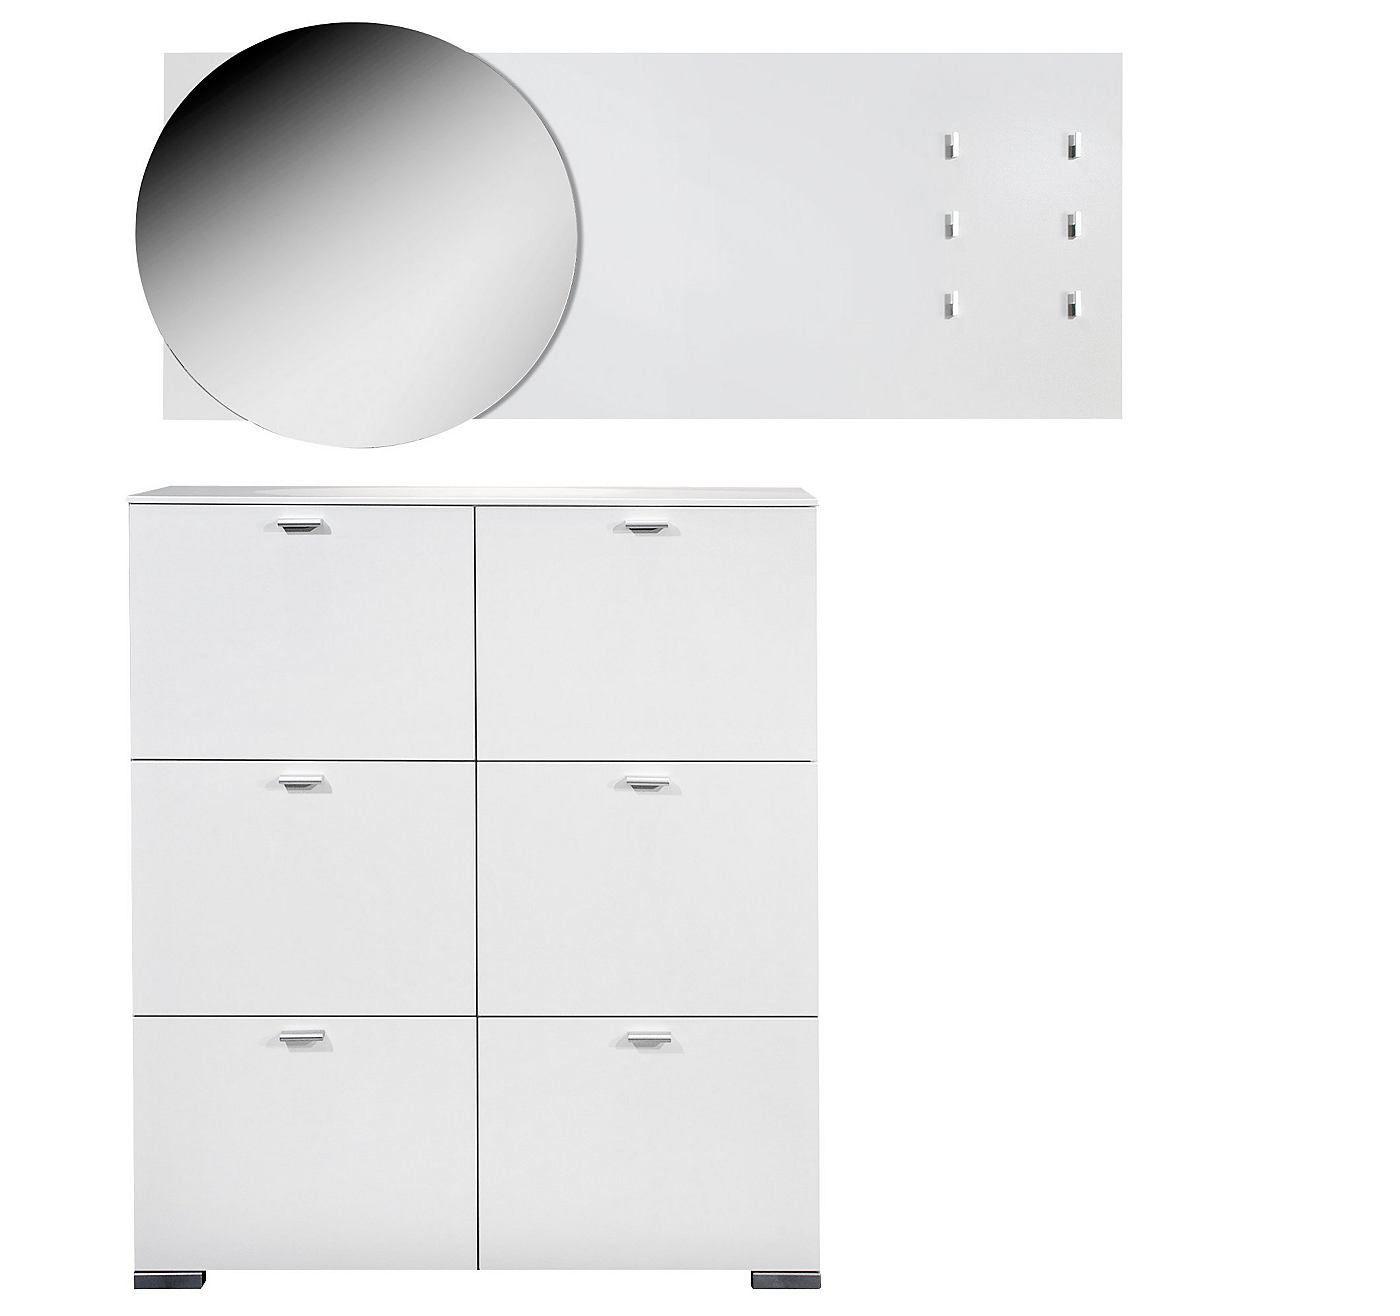 moderne garderoben kombination bestehend aus gallery schuhschrank mit sechs schuhf chern. Black Bedroom Furniture Sets. Home Design Ideas